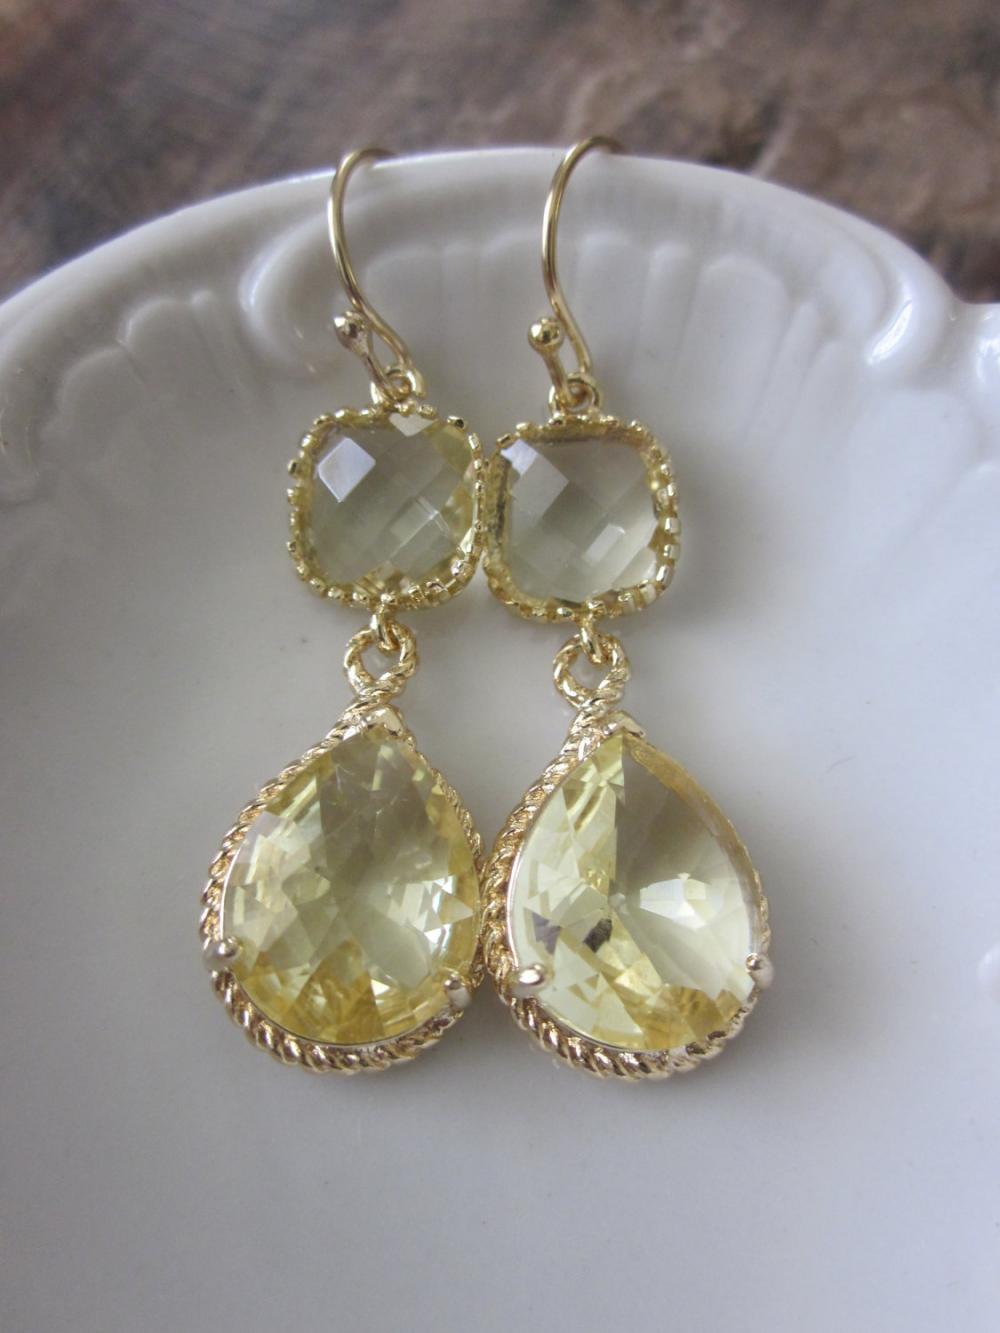 Citrine Earrings Yellow Gold Earrings Teardrop Glass - 14k Gold Filled Earwires - Bridesmaid Earrings Wedding Earrings